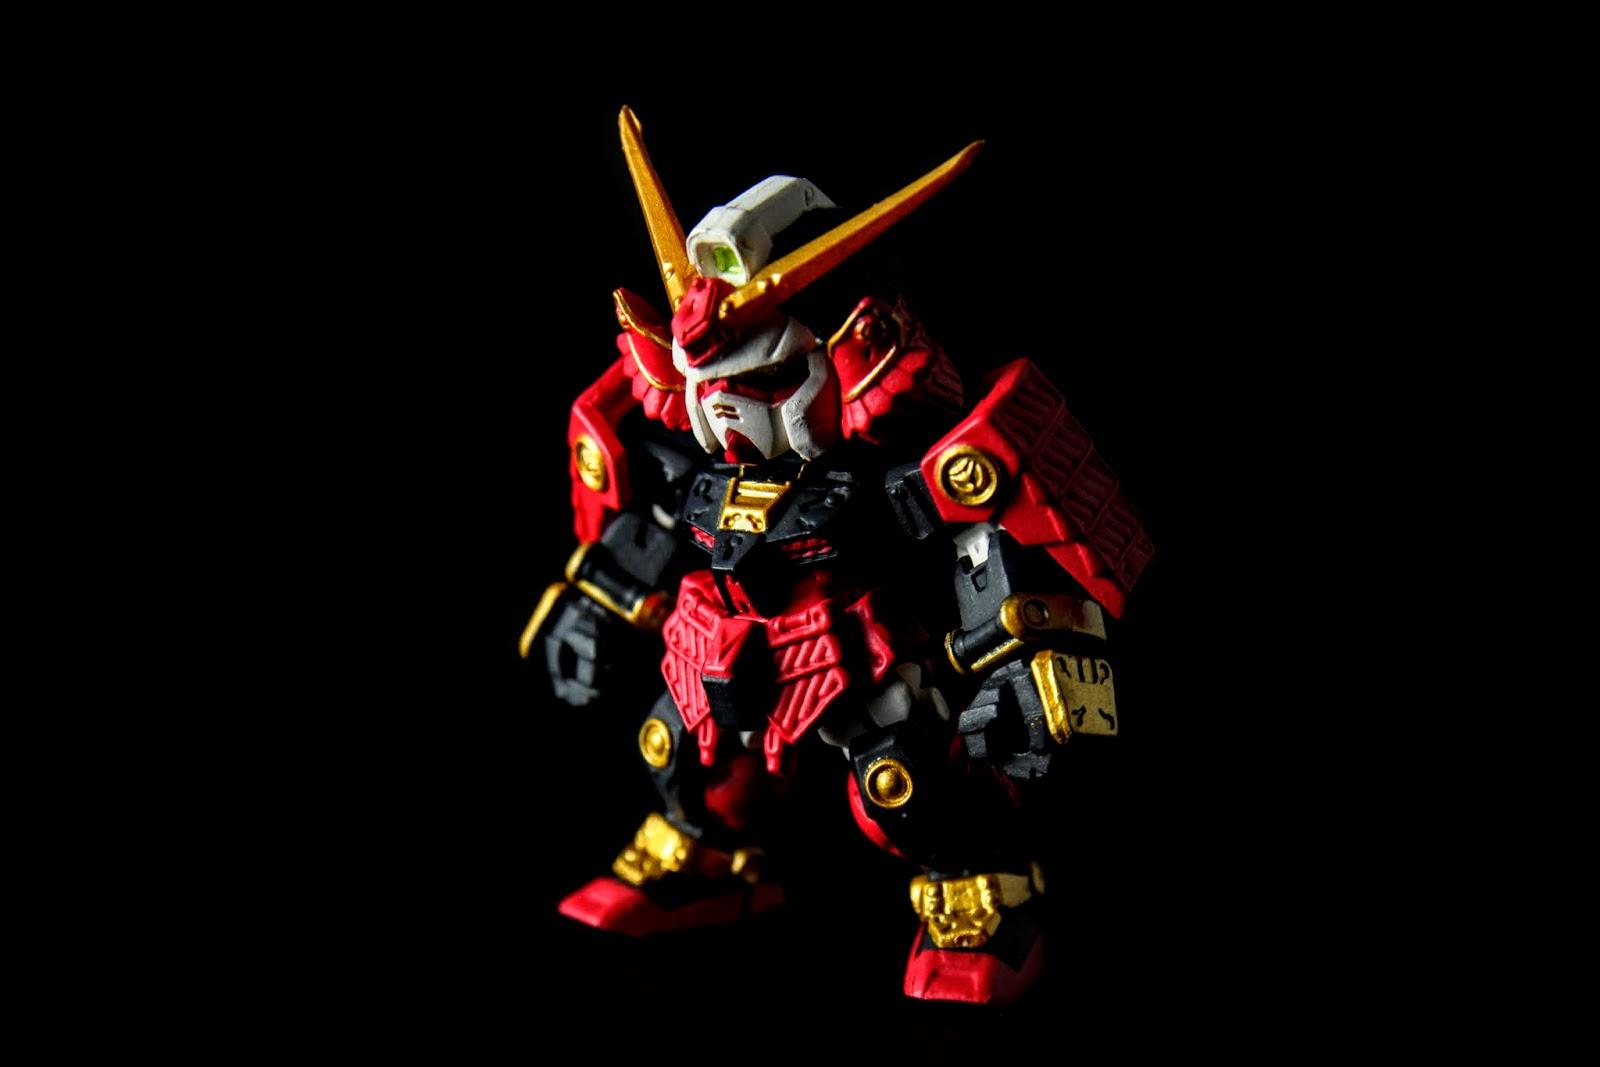 武者頑駄無, 頑駄無就是鋼彈的日文漢字